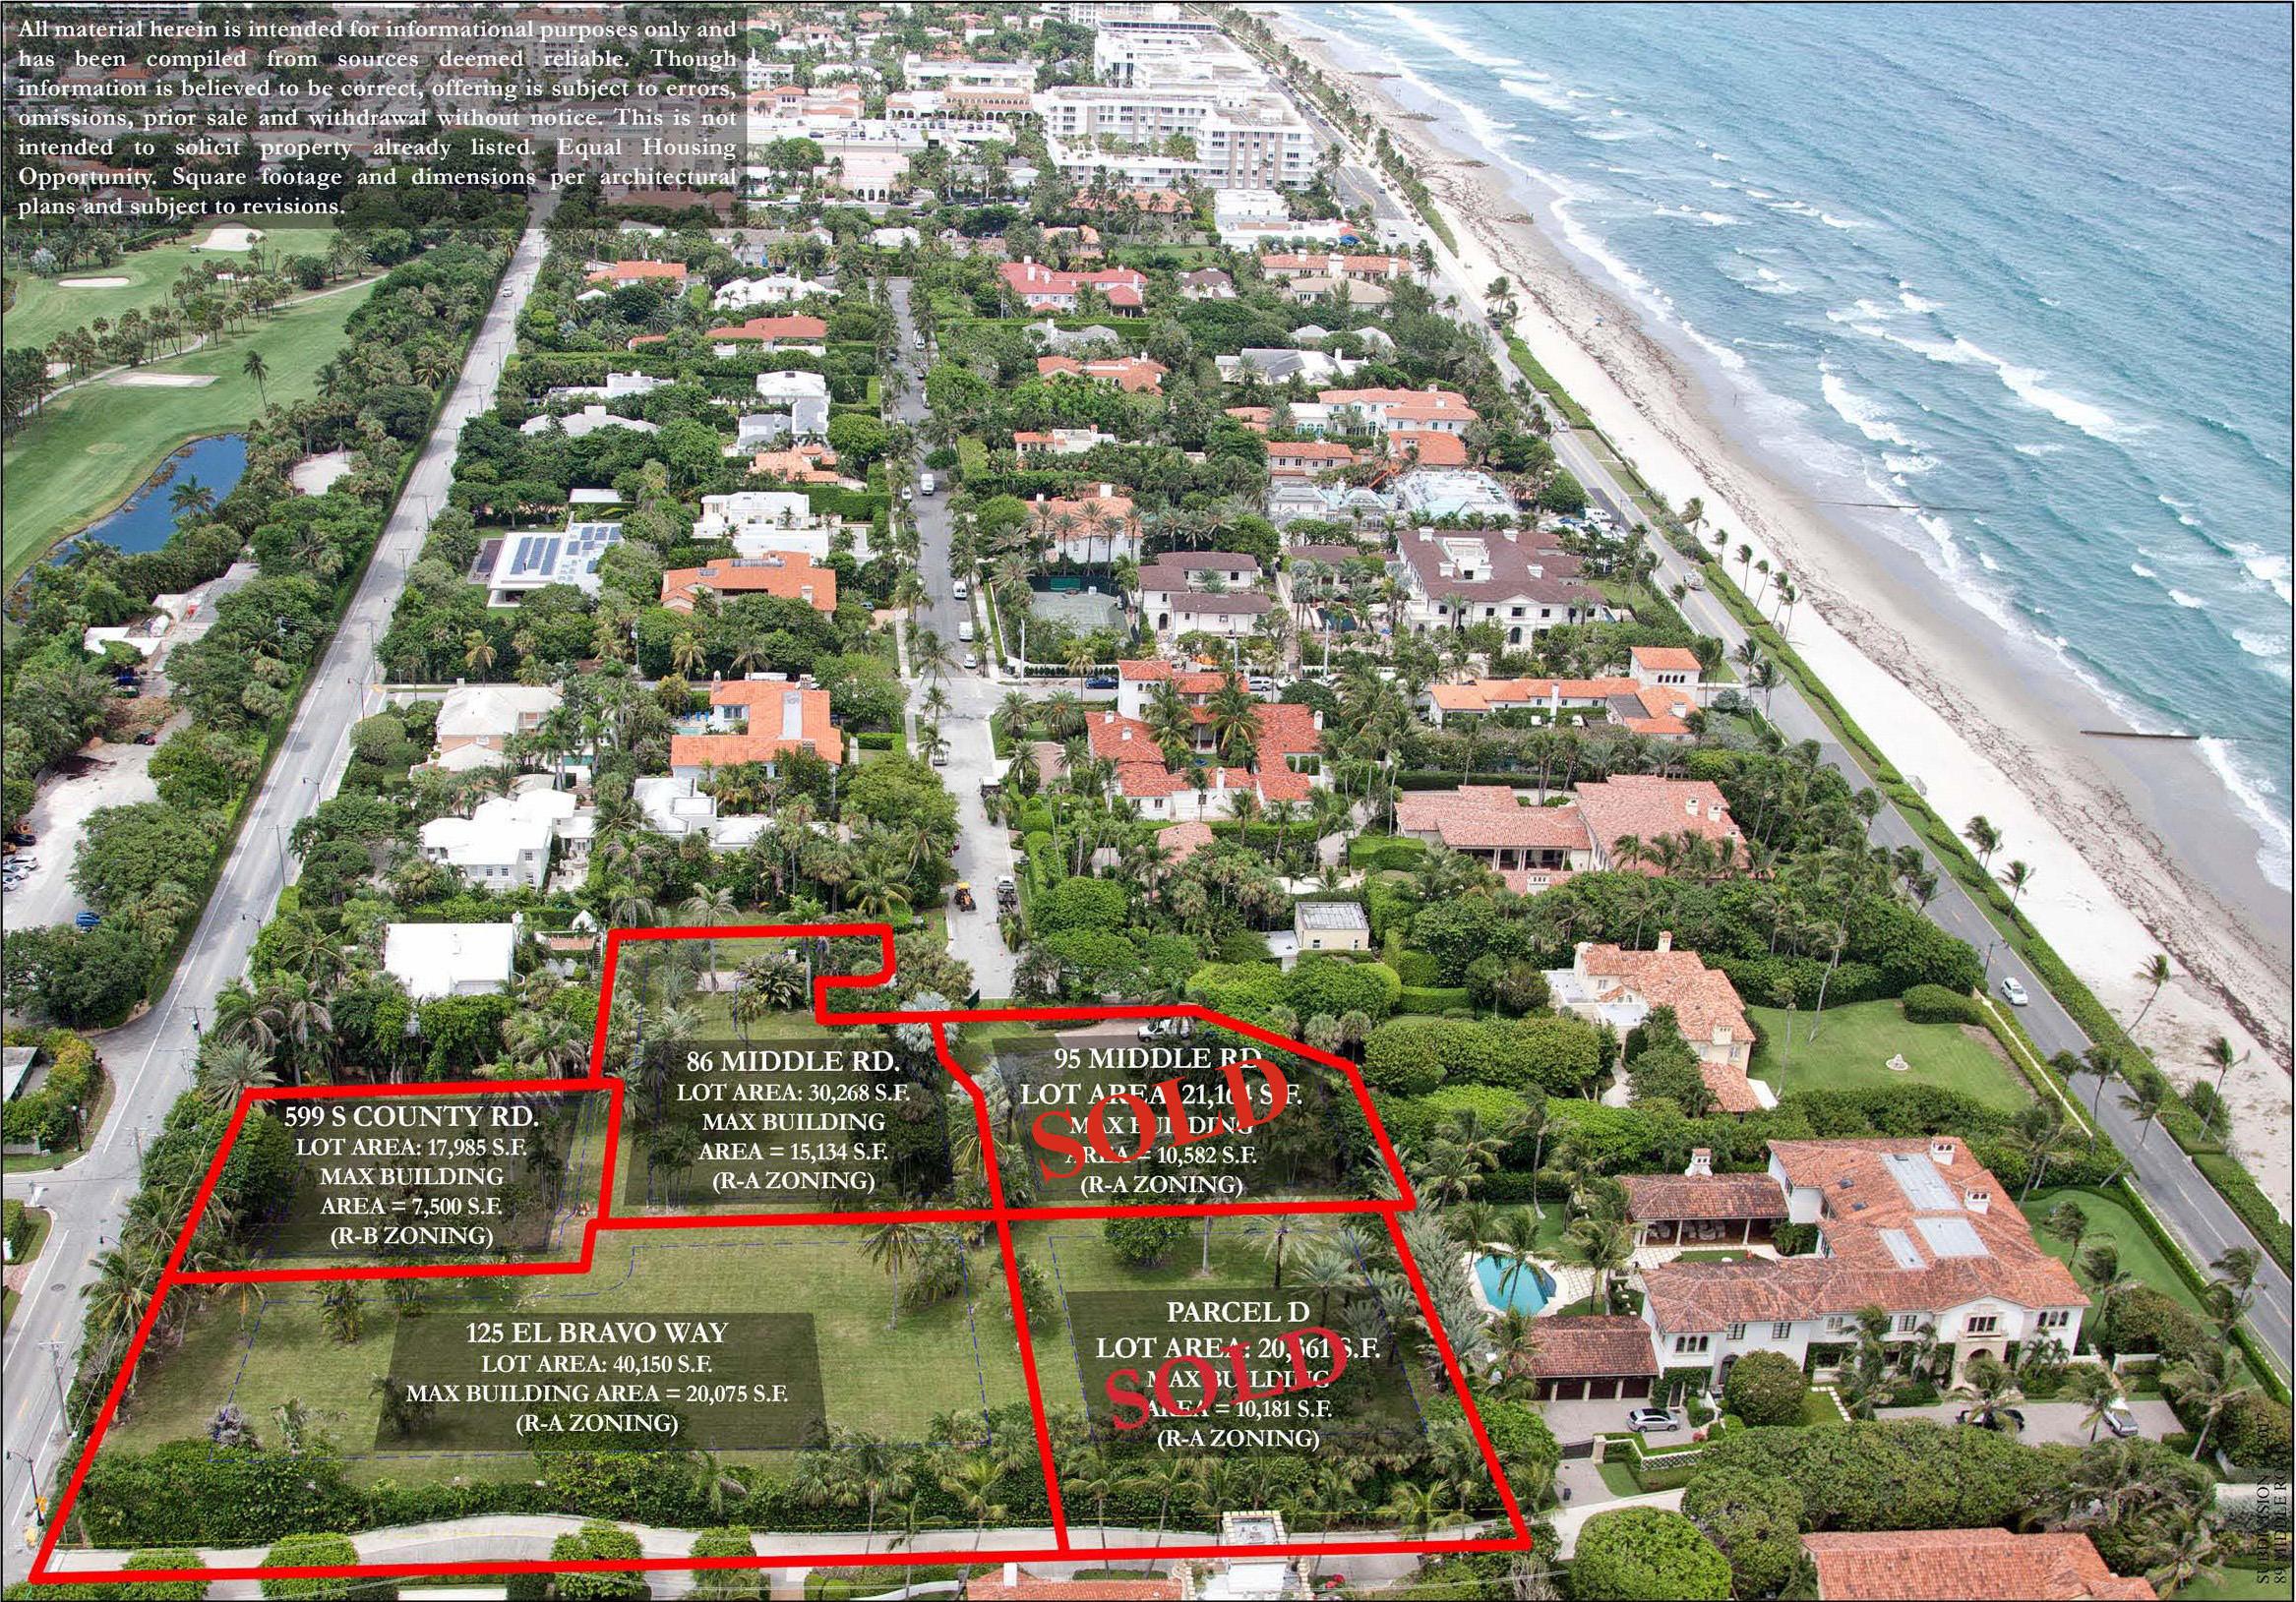 125 El Bravo Way, Palm Beach, Florida 33480, ,Land,For Sale,El Bravo,RX-10355916